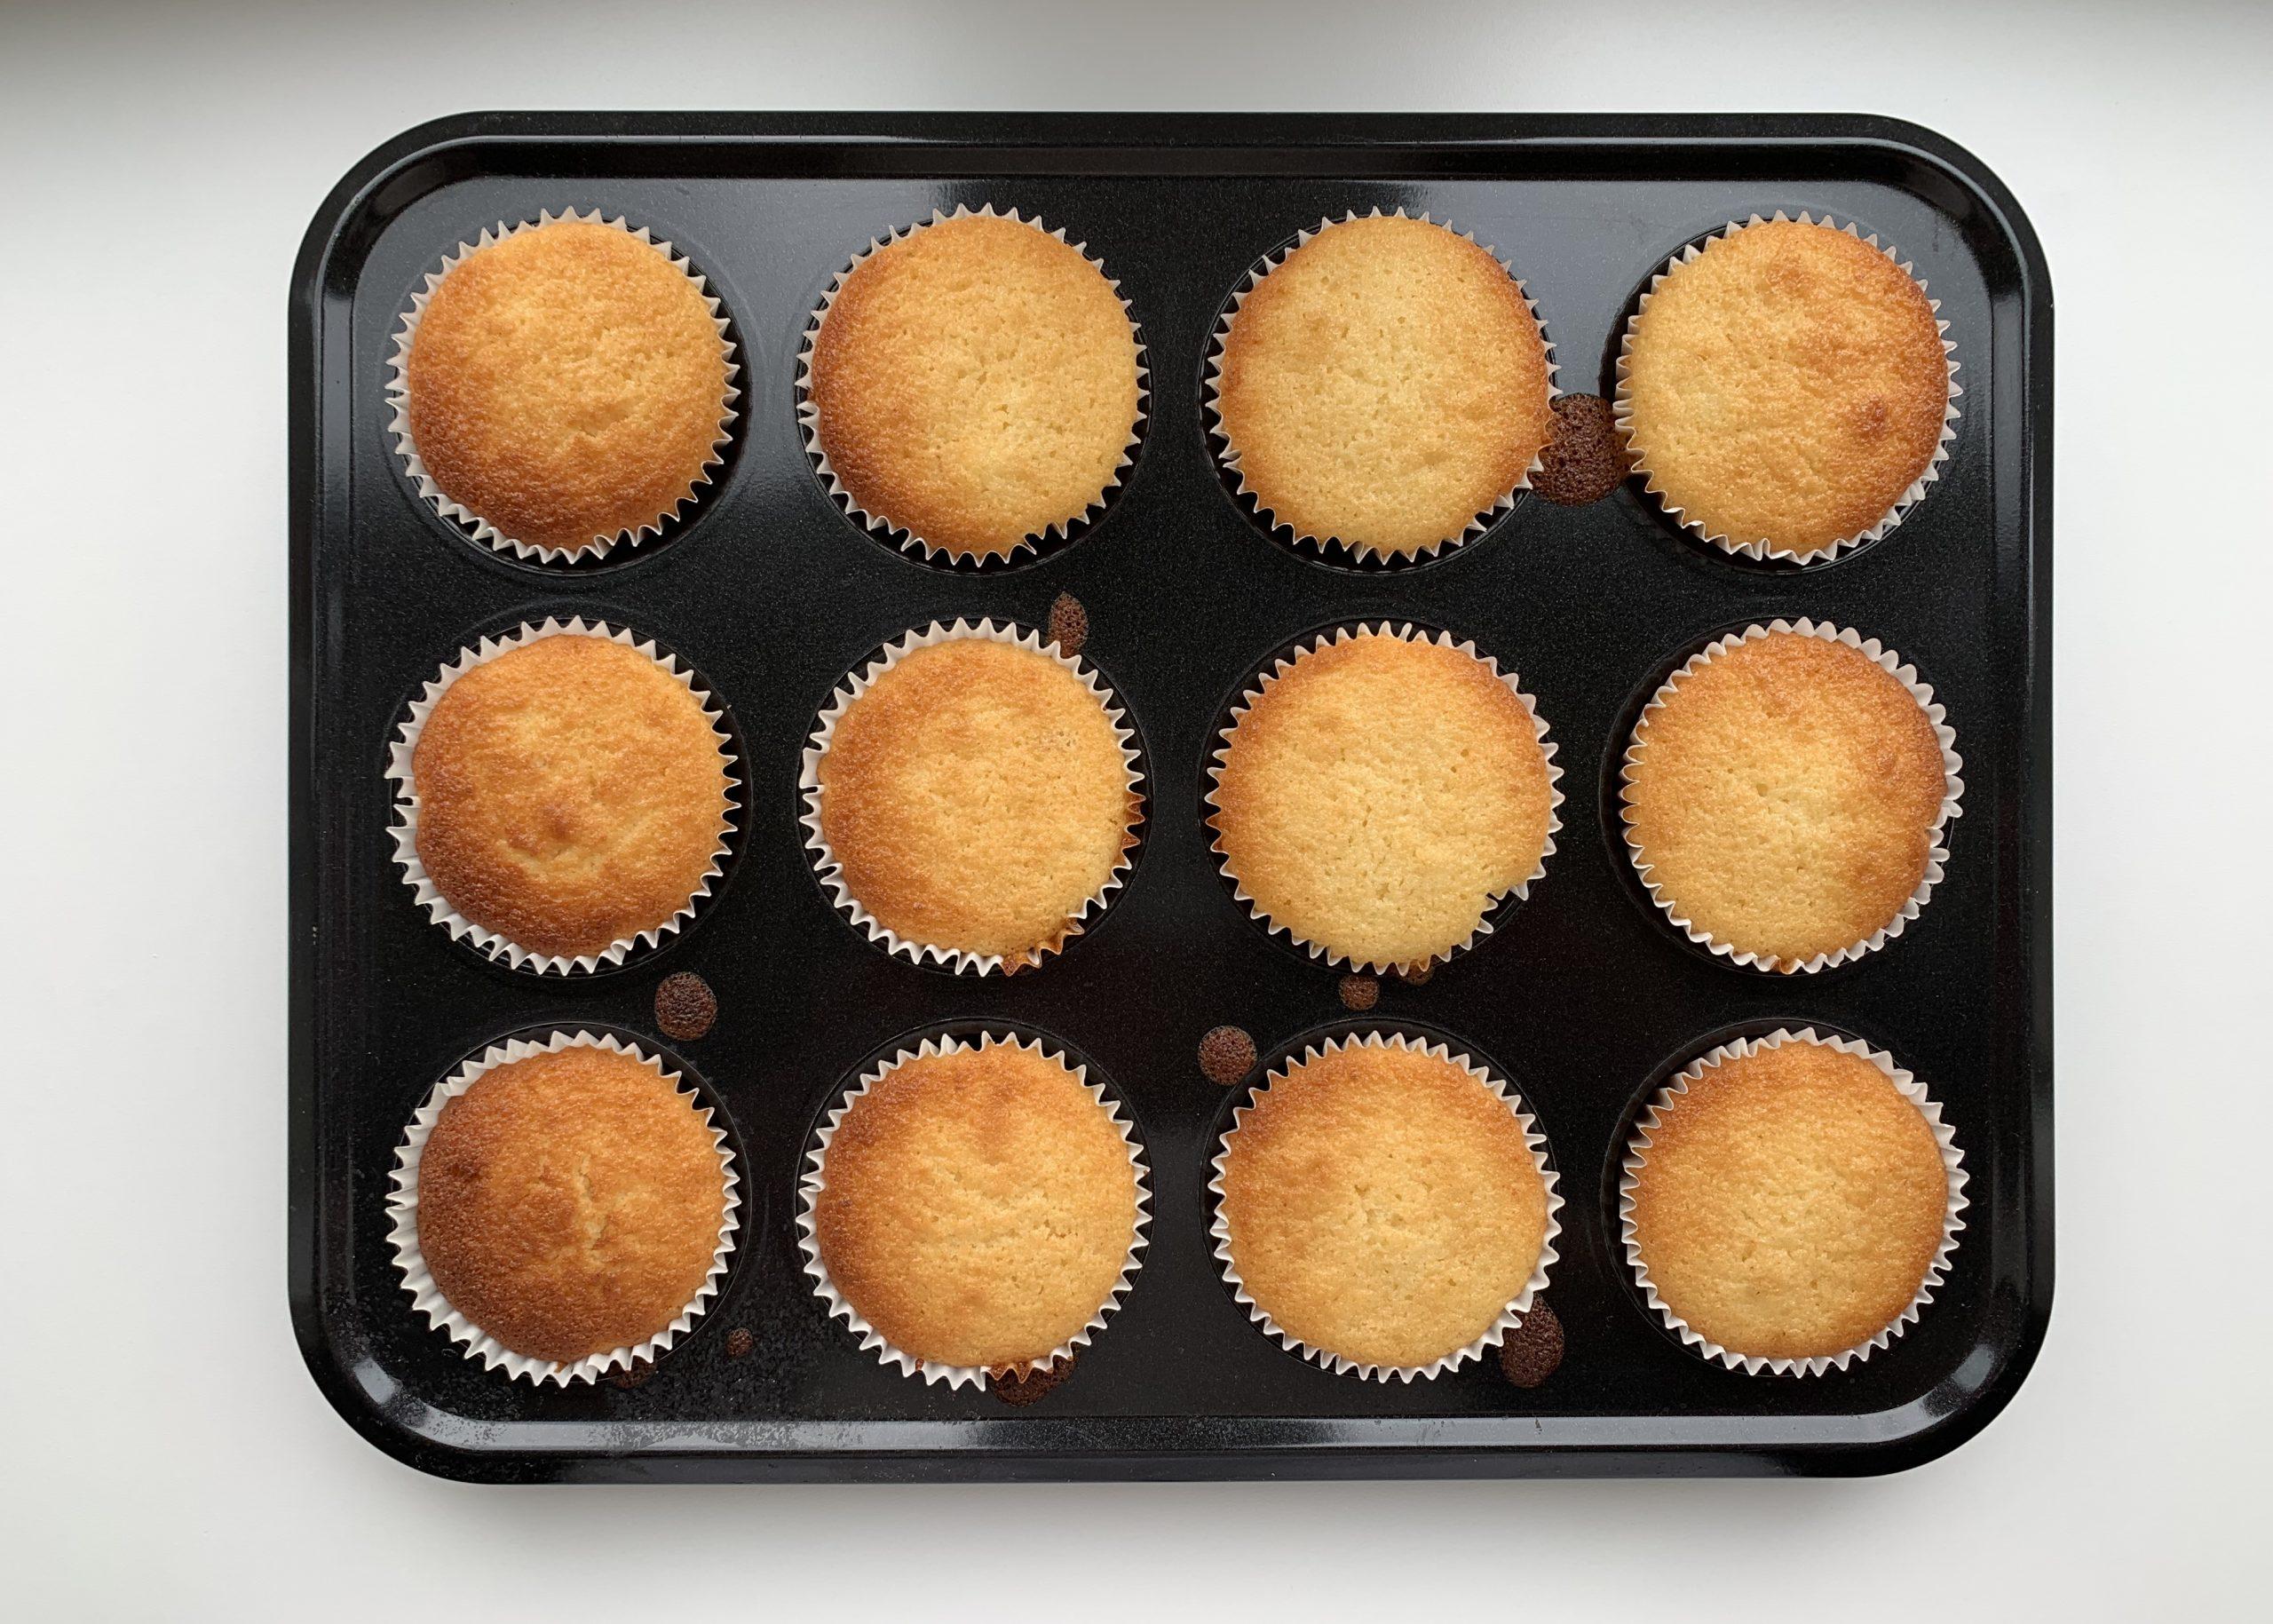 Gluten free citrus muffins in a muffin tin